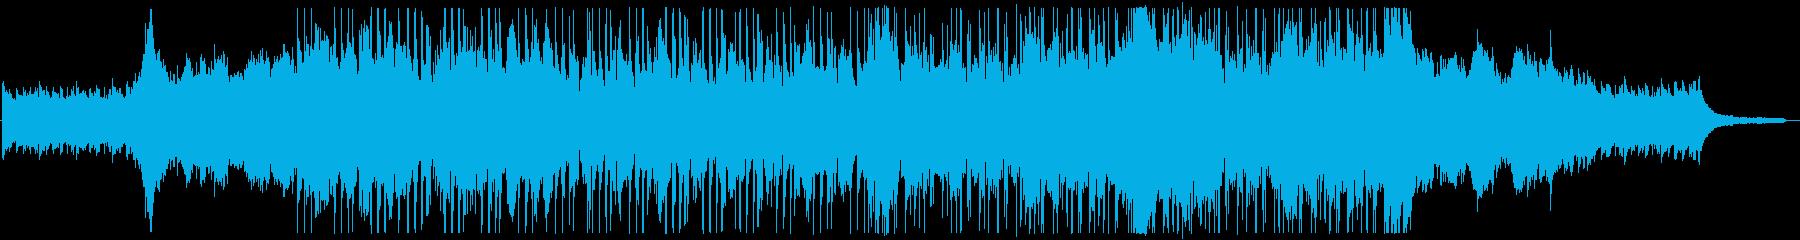 オープニング映像に合う爽やかなピアノ曲の再生済みの波形